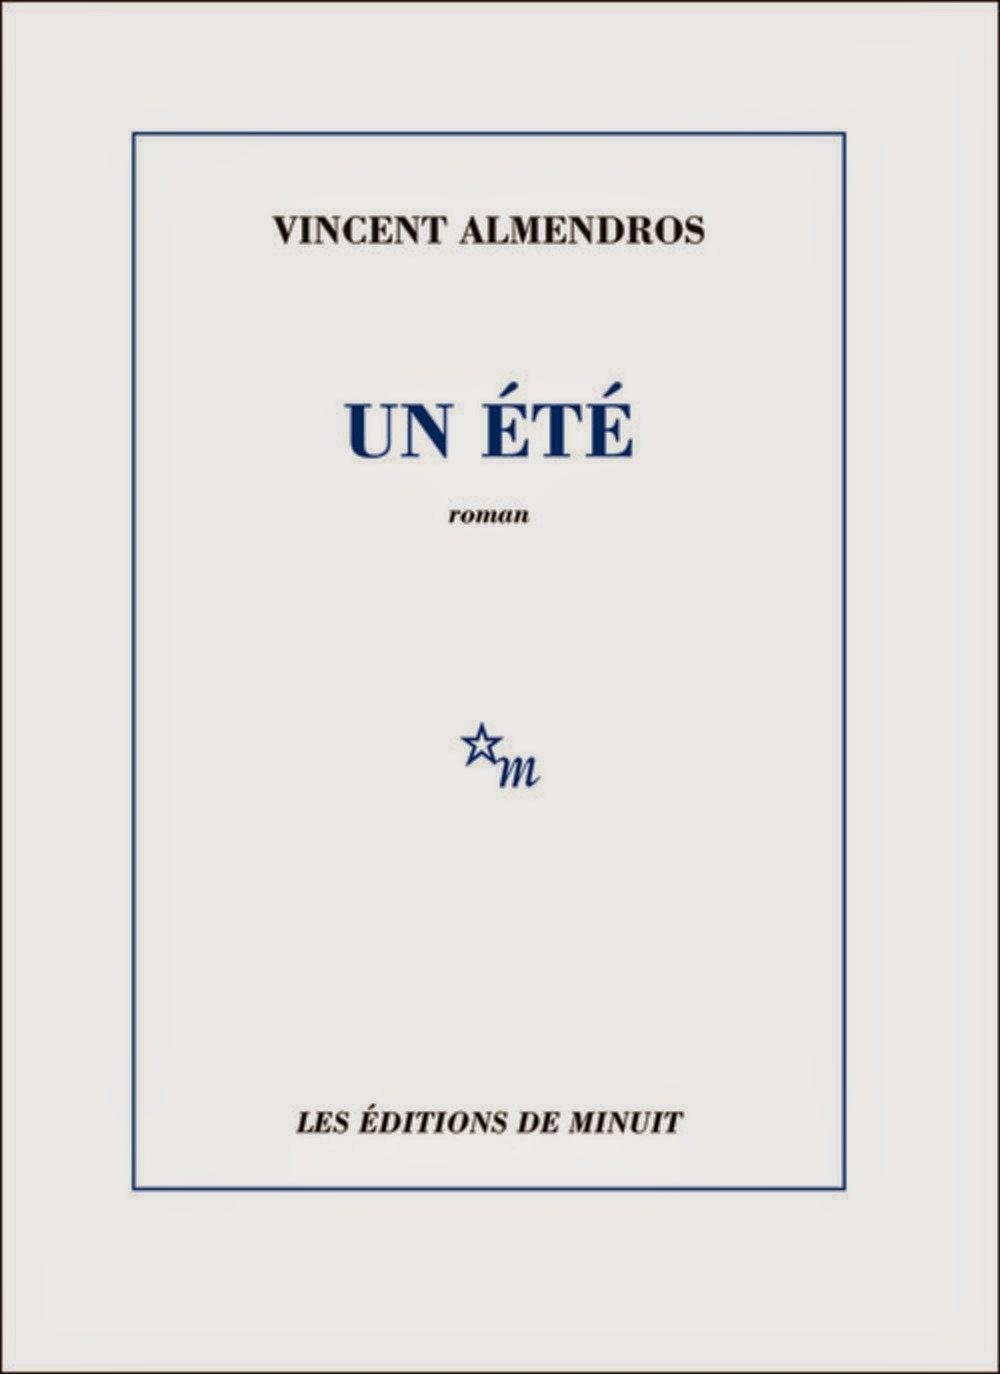 Un été de Vincent Almendros